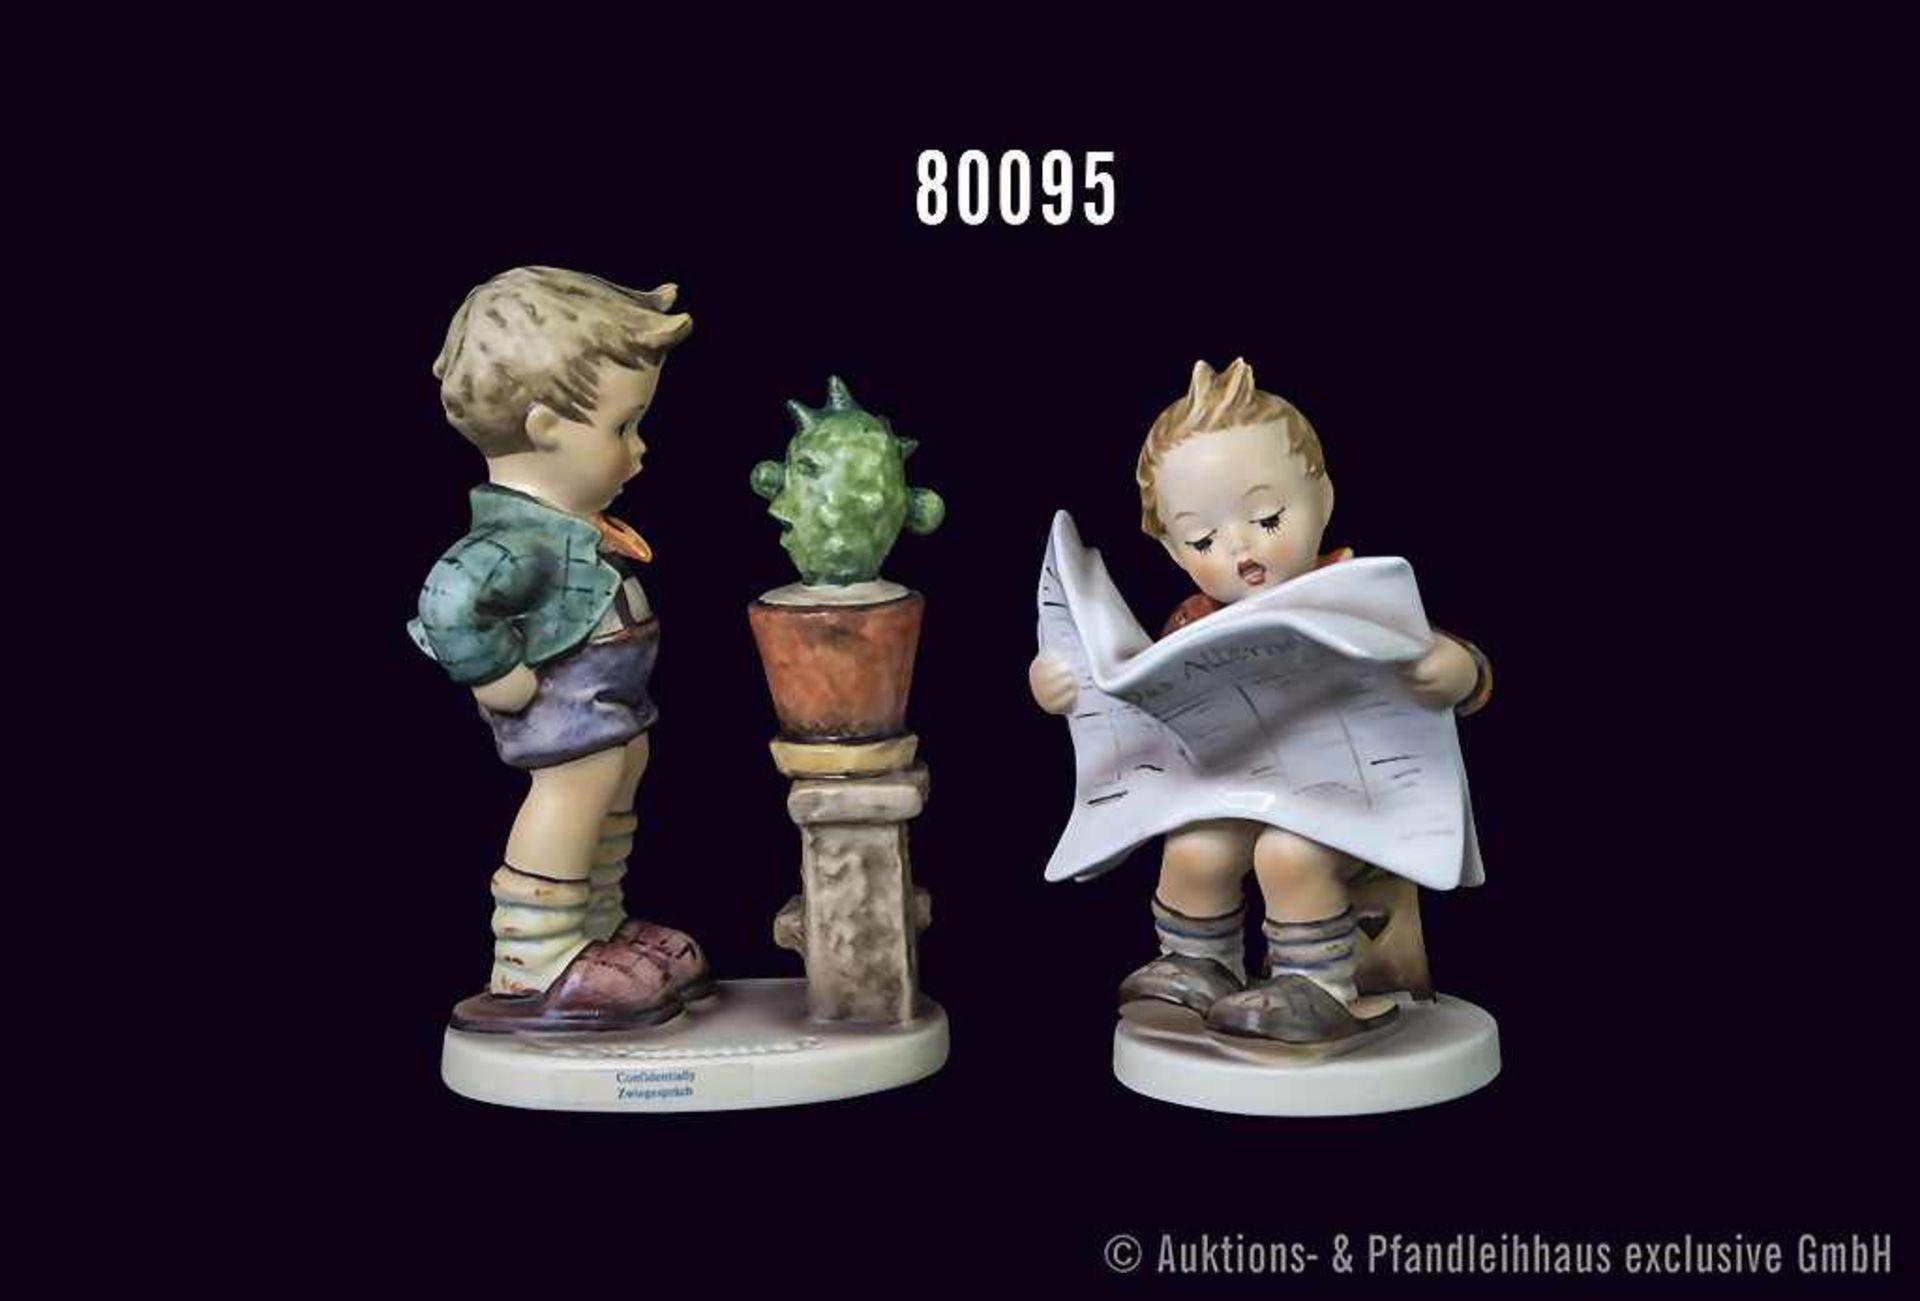 """Konv. 2 Goebel Hummel Figuren, Nr. 184 """"Das Allerneueste"""" und Nr. 314 """"Zwiegespräch"""", H bis 13,5 cm,"""